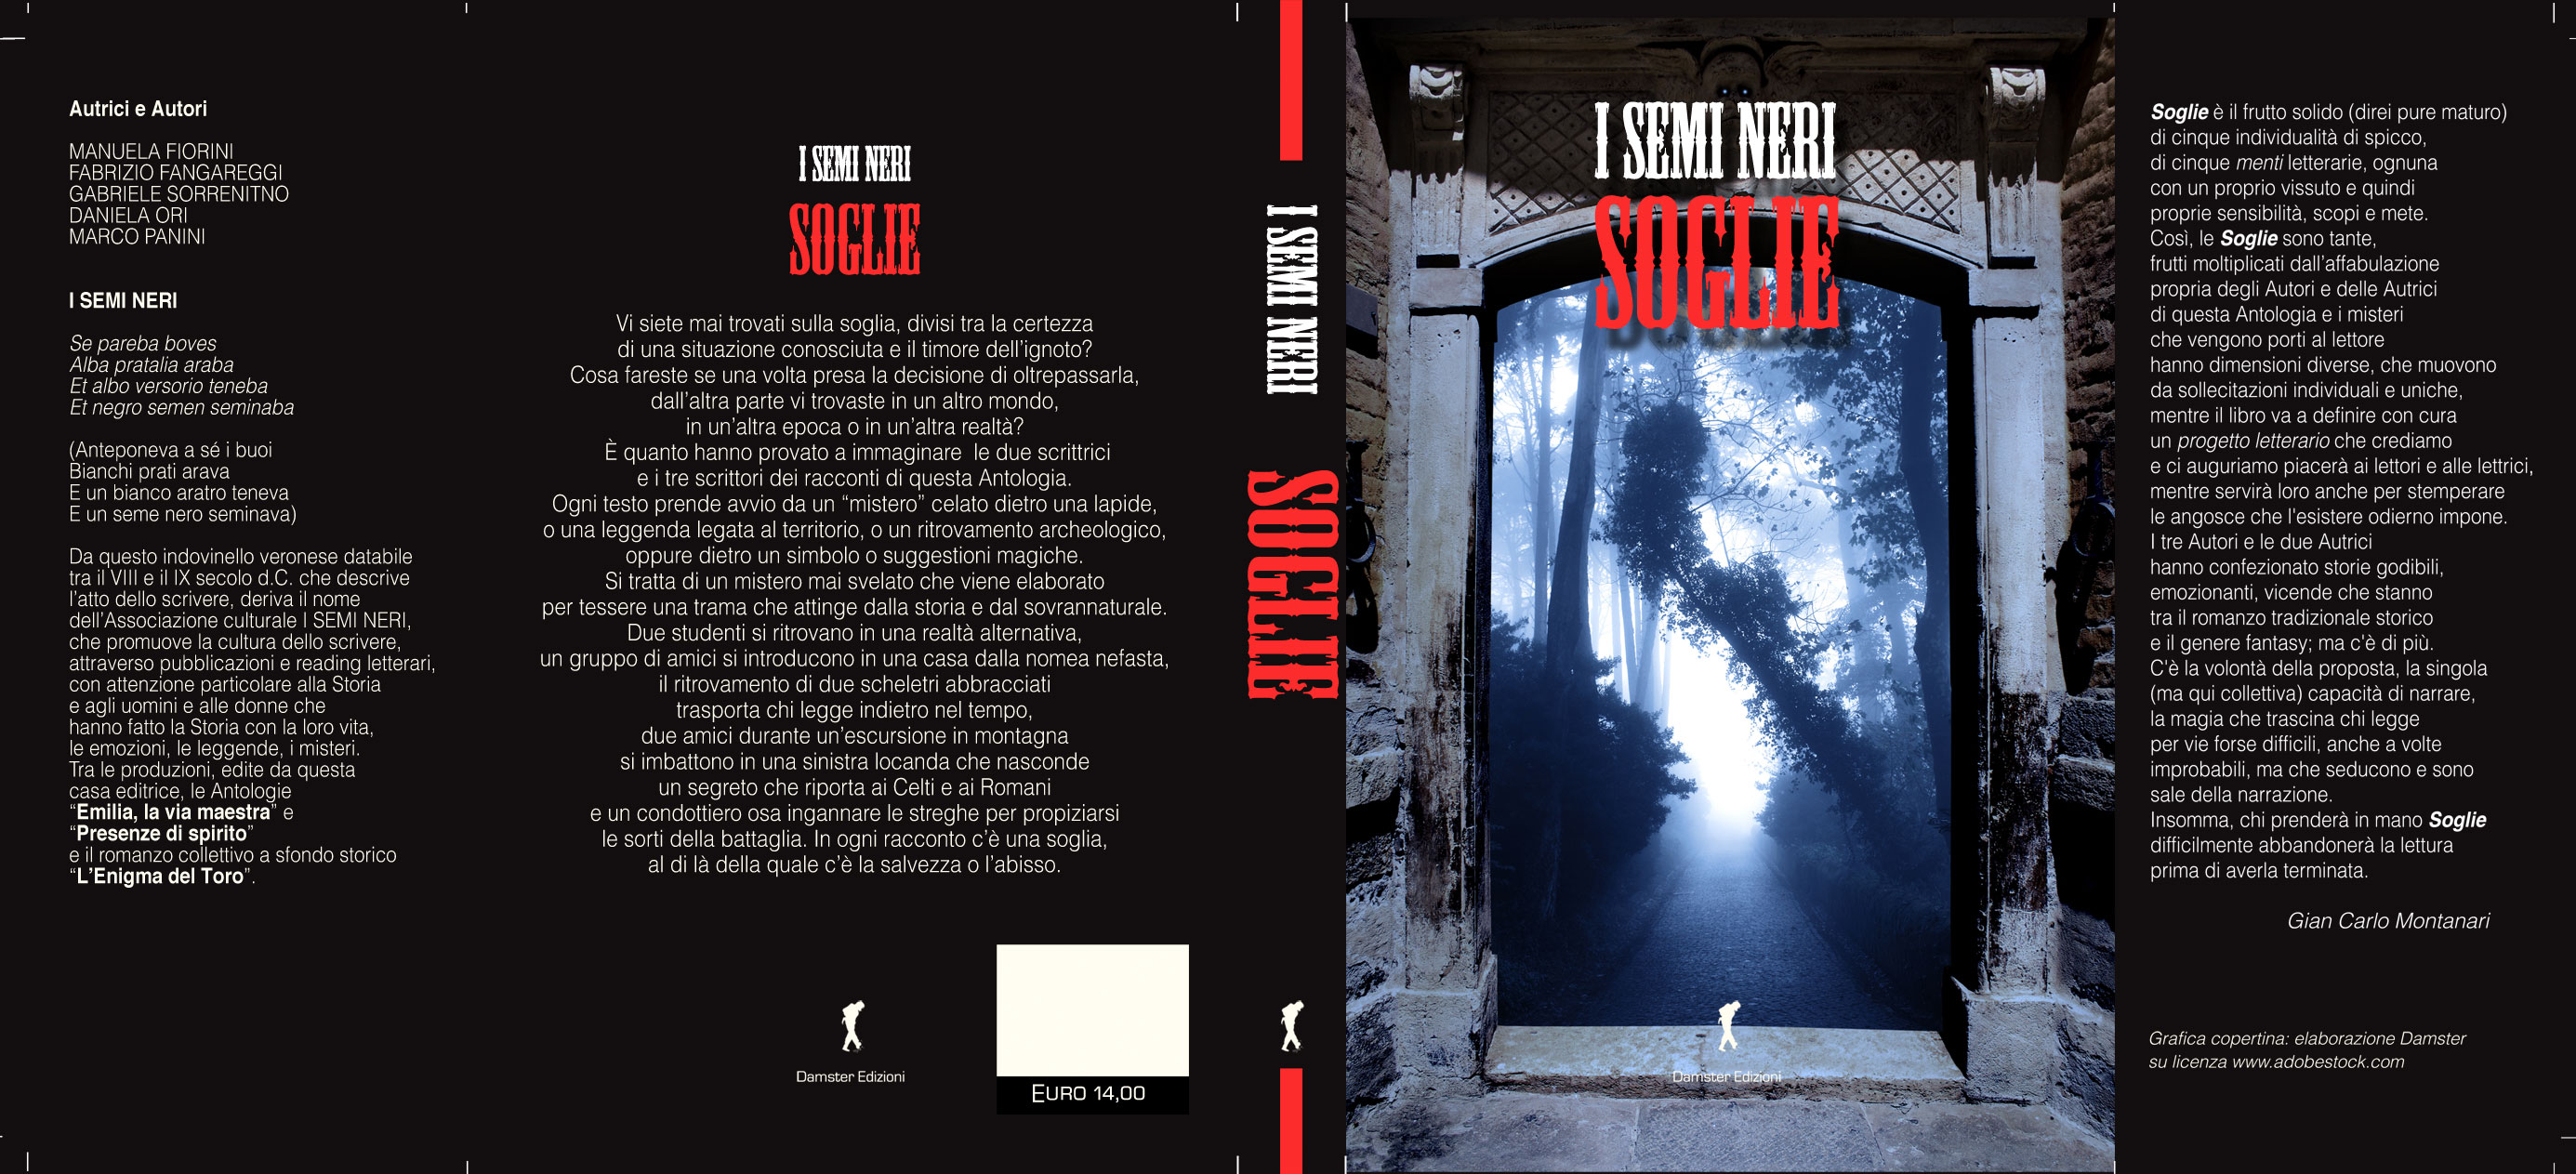 cover_soglie_finale